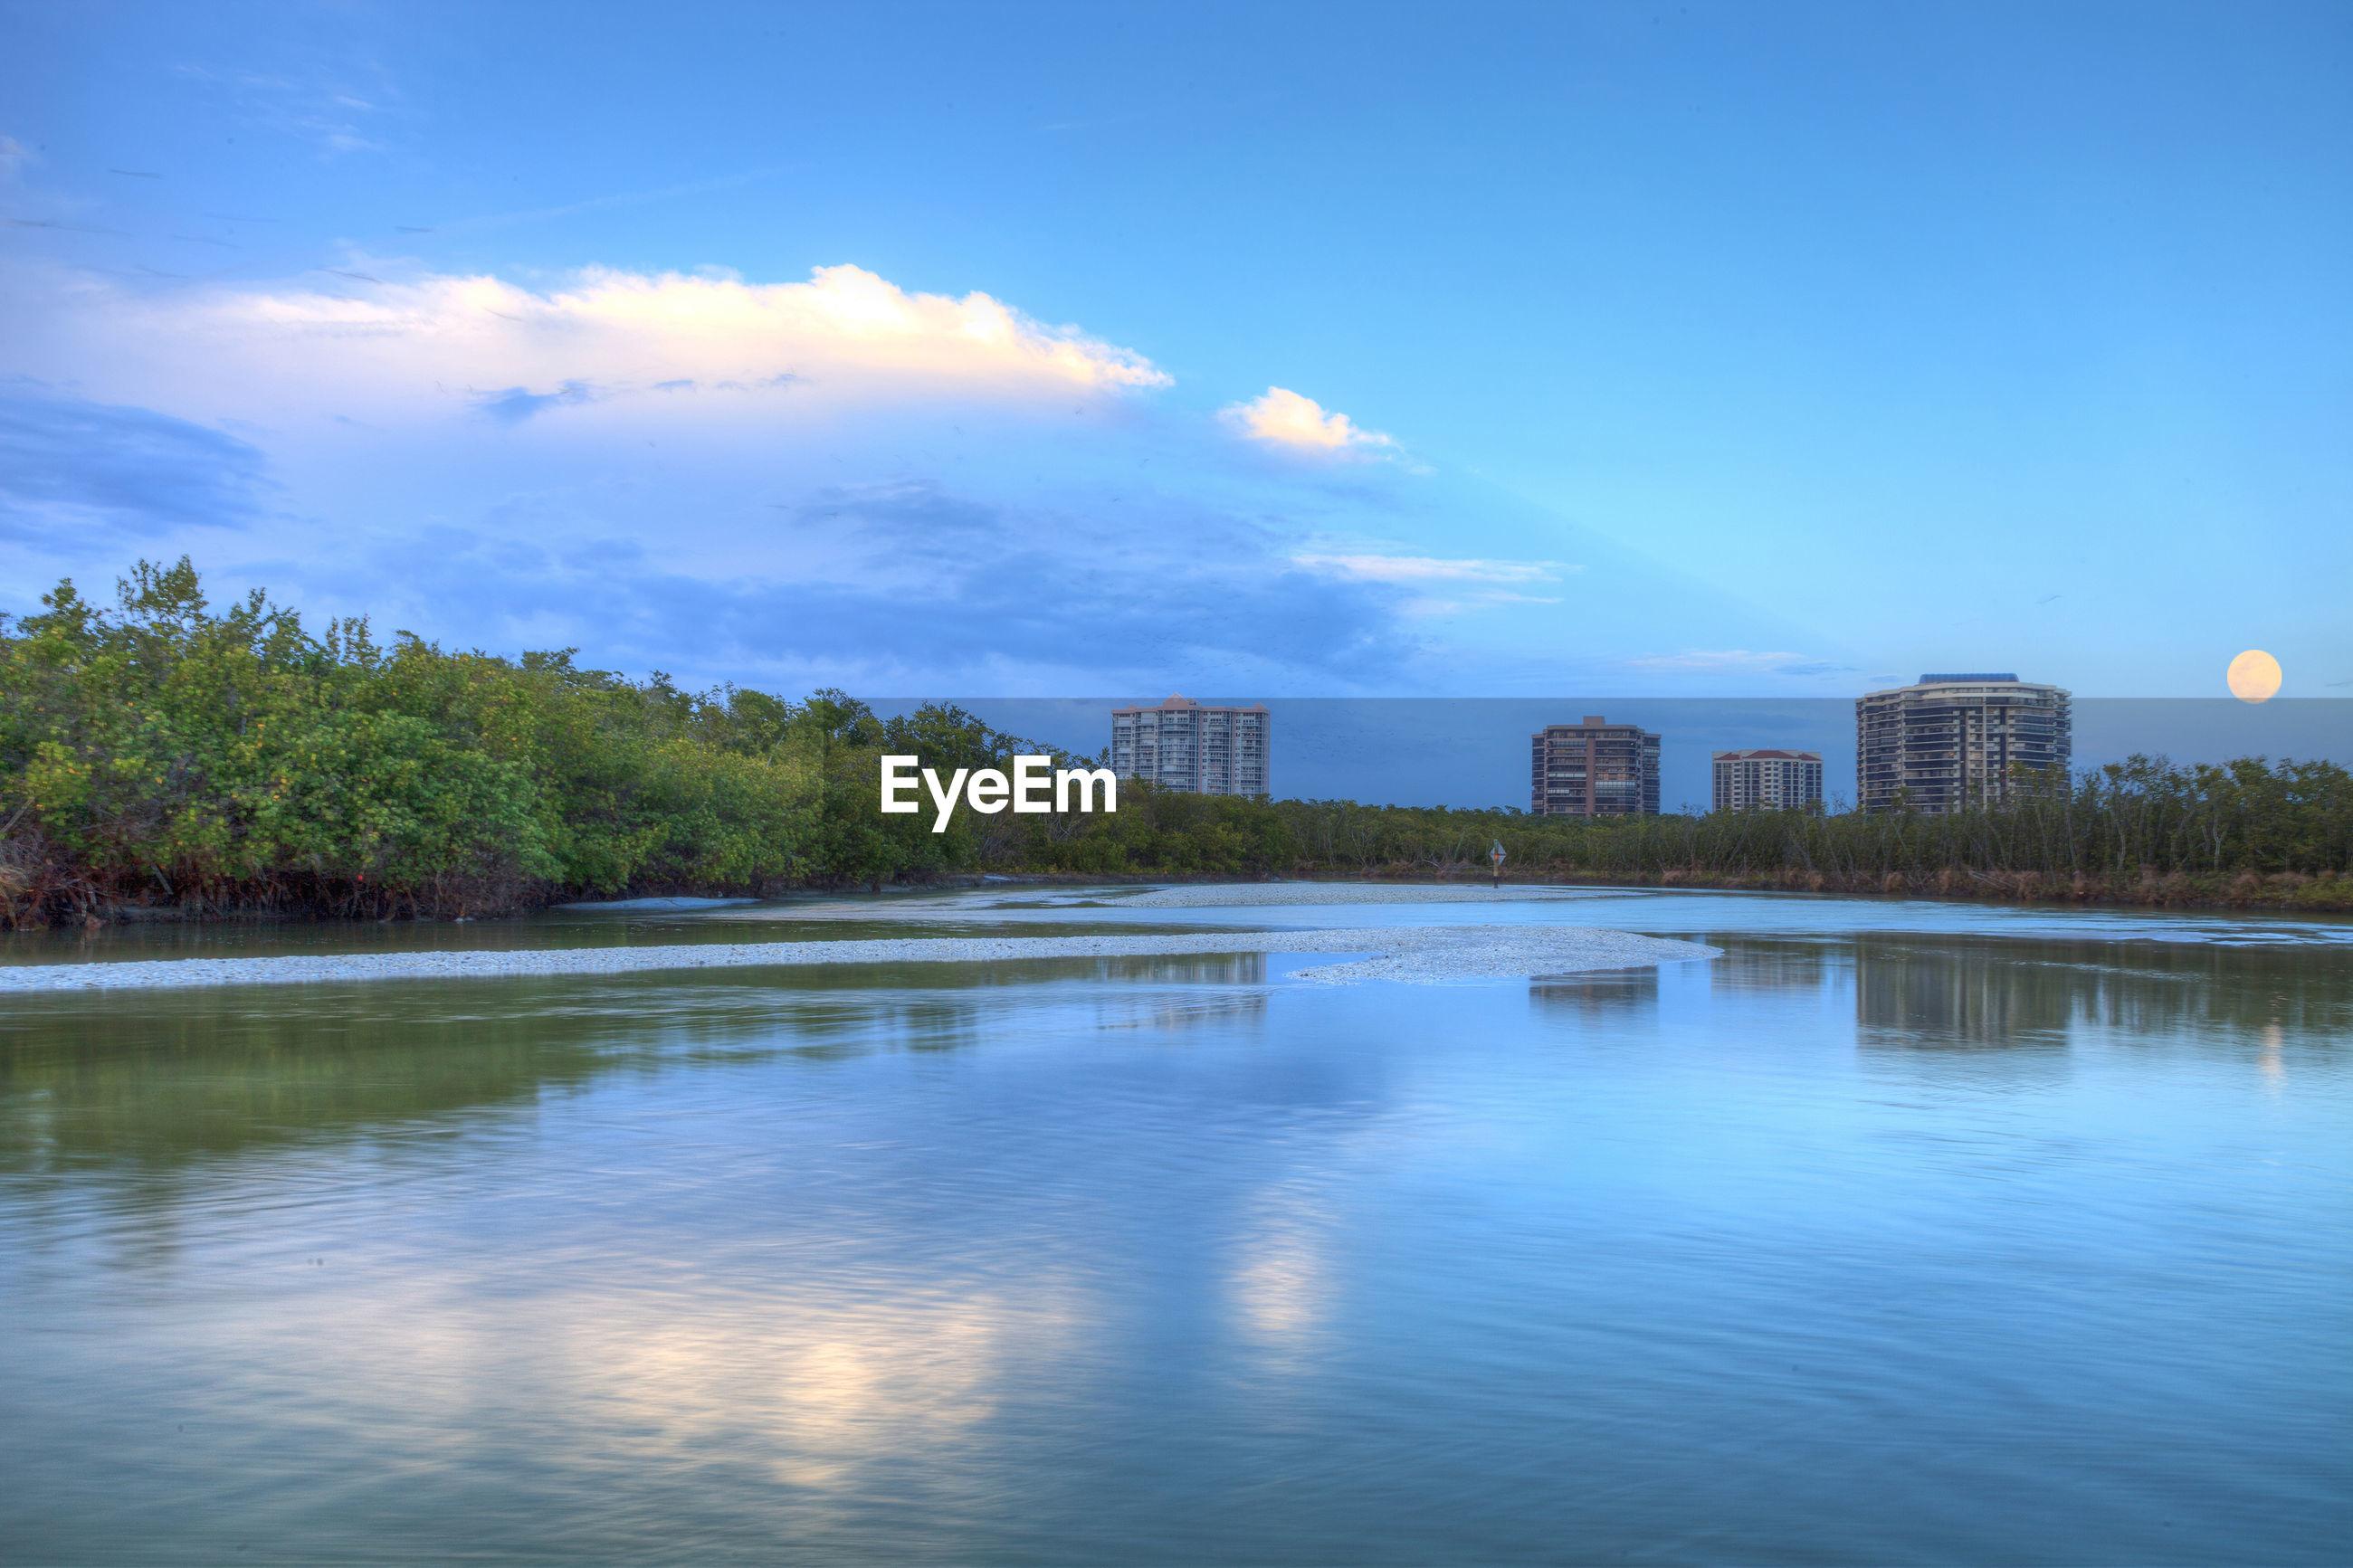 LAKE BY BUILDINGS AGAINST BLUE SKY